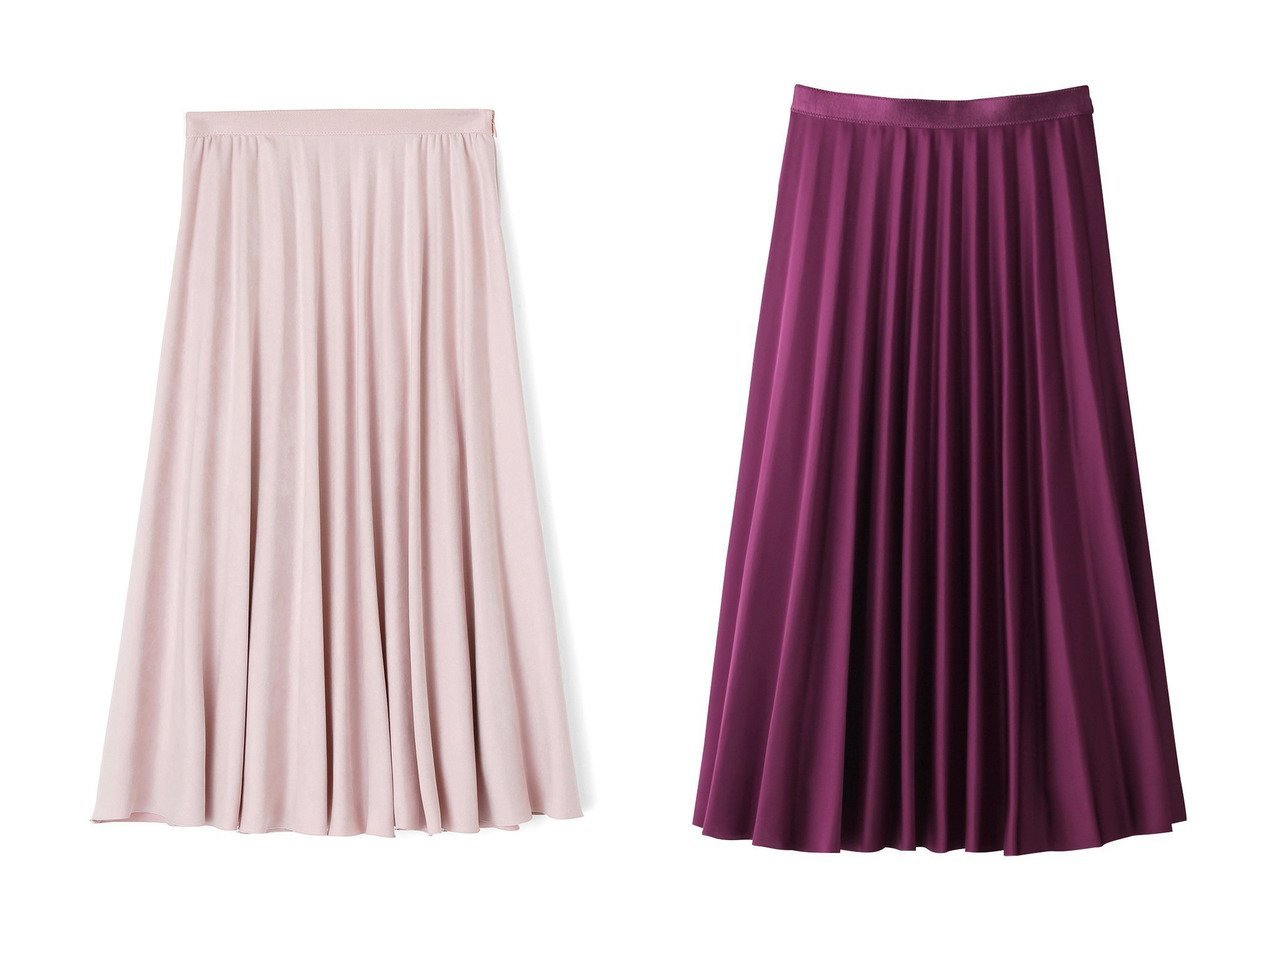 【ANAYI/アナイ】のサテンフレアプリーツスカート&フェイクスエードフレアプリーツ スカート 【スカート】おすすめ!人気、トレンド・レディースファッションの通販 おすすめで人気の流行・トレンド、ファッションの通販商品 インテリア・家具・メンズファッション・キッズファッション・レディースファッション・服の通販 founy(ファニー) https://founy.com/ ファッション Fashion レディースファッション WOMEN スカート Skirt プリーツスカート Pleated Skirts ロングスカート Long Skirt ギャザー フェイクスエード フレア プリーツ ロング |ID:crp329100000071359